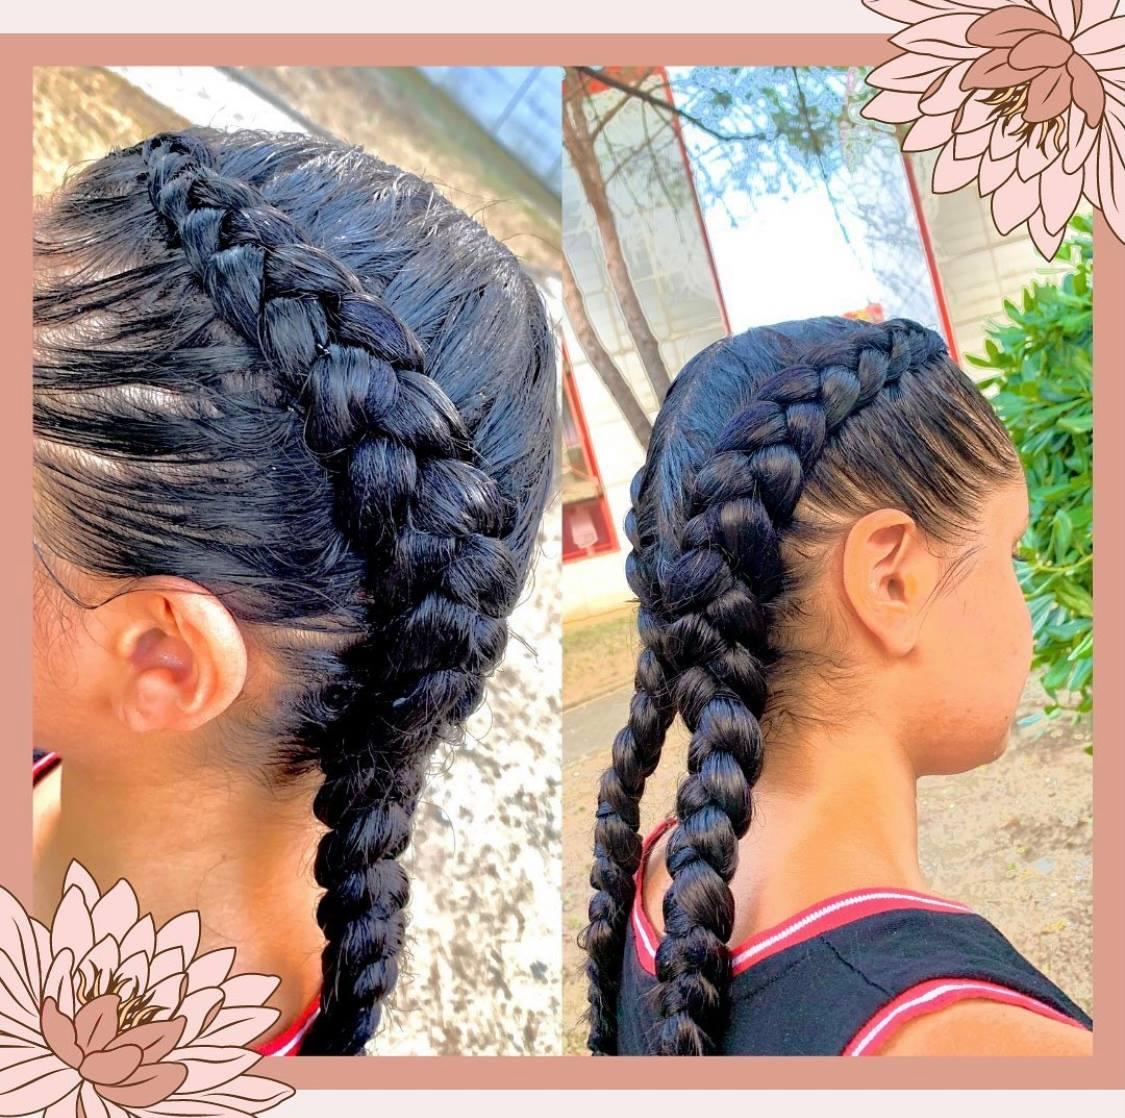 salon de coiffure afro tresse tresses box braids crochet braids vanilles tissages paris 75 77 78 91 92 93 94 95 XQPJITKB